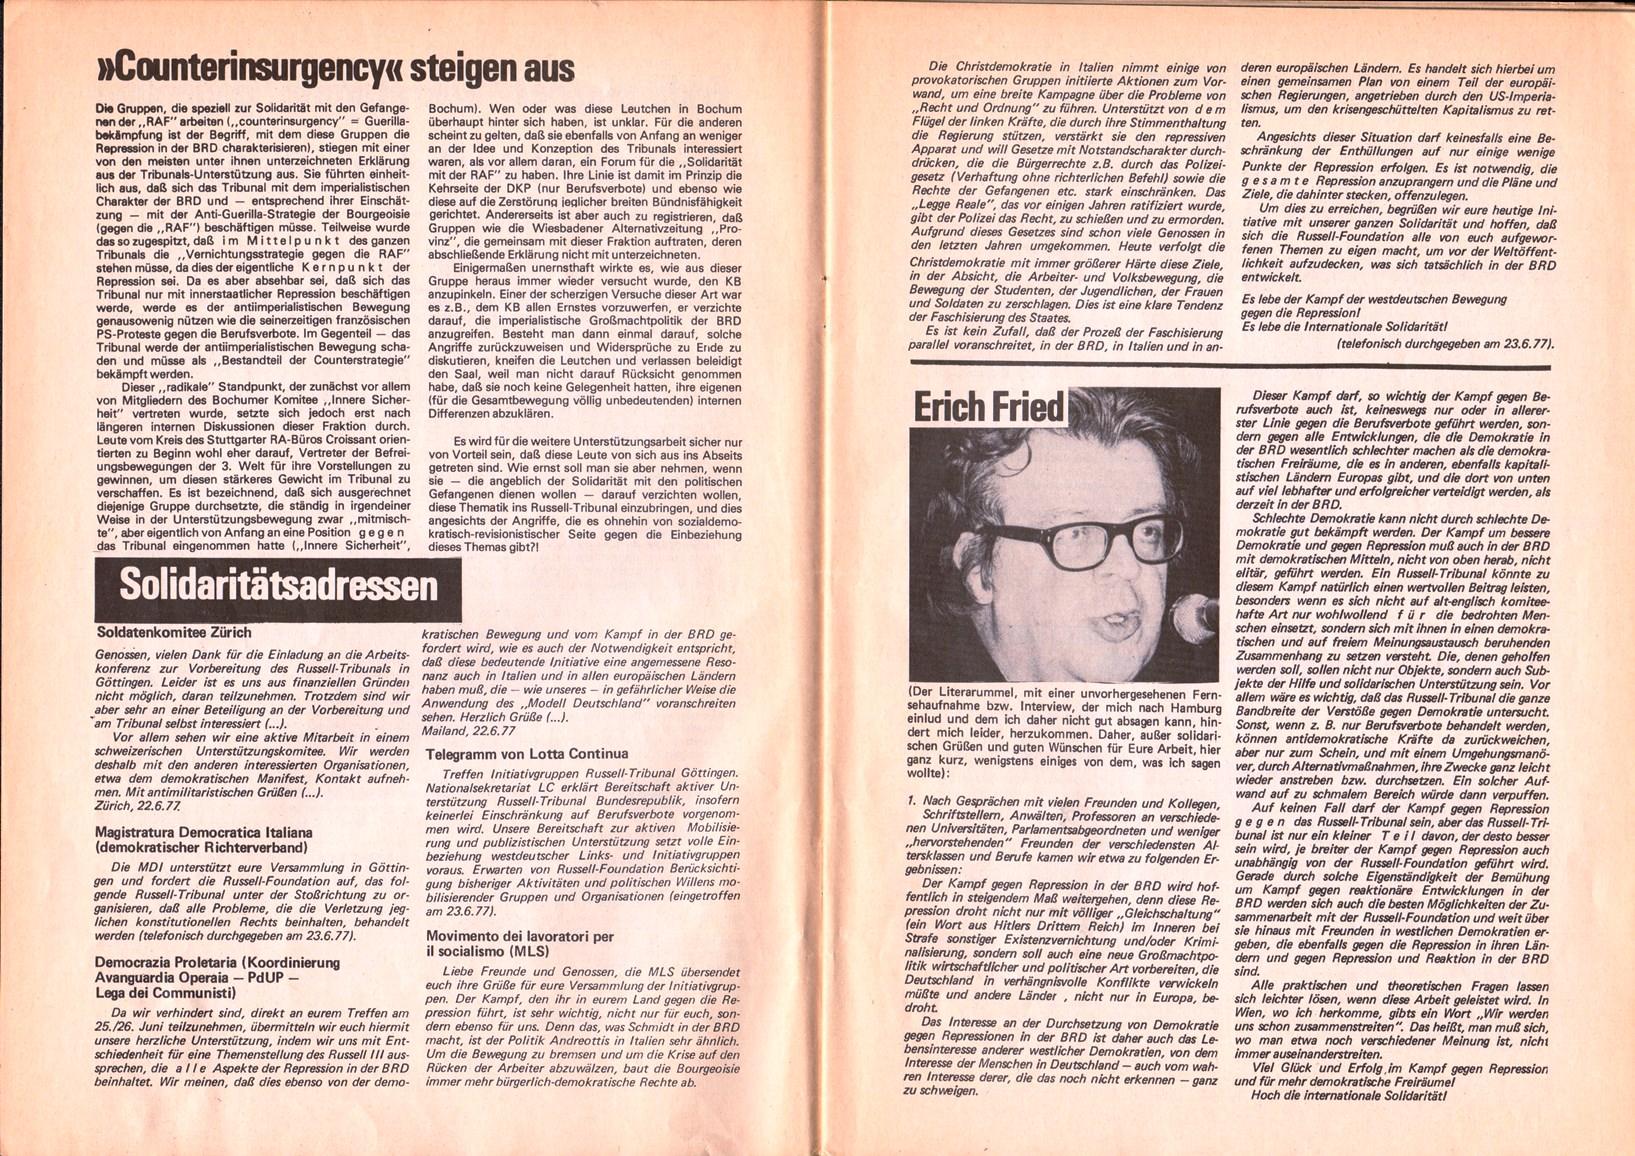 KB_Anti_Repressionsinfo_03_1977_05